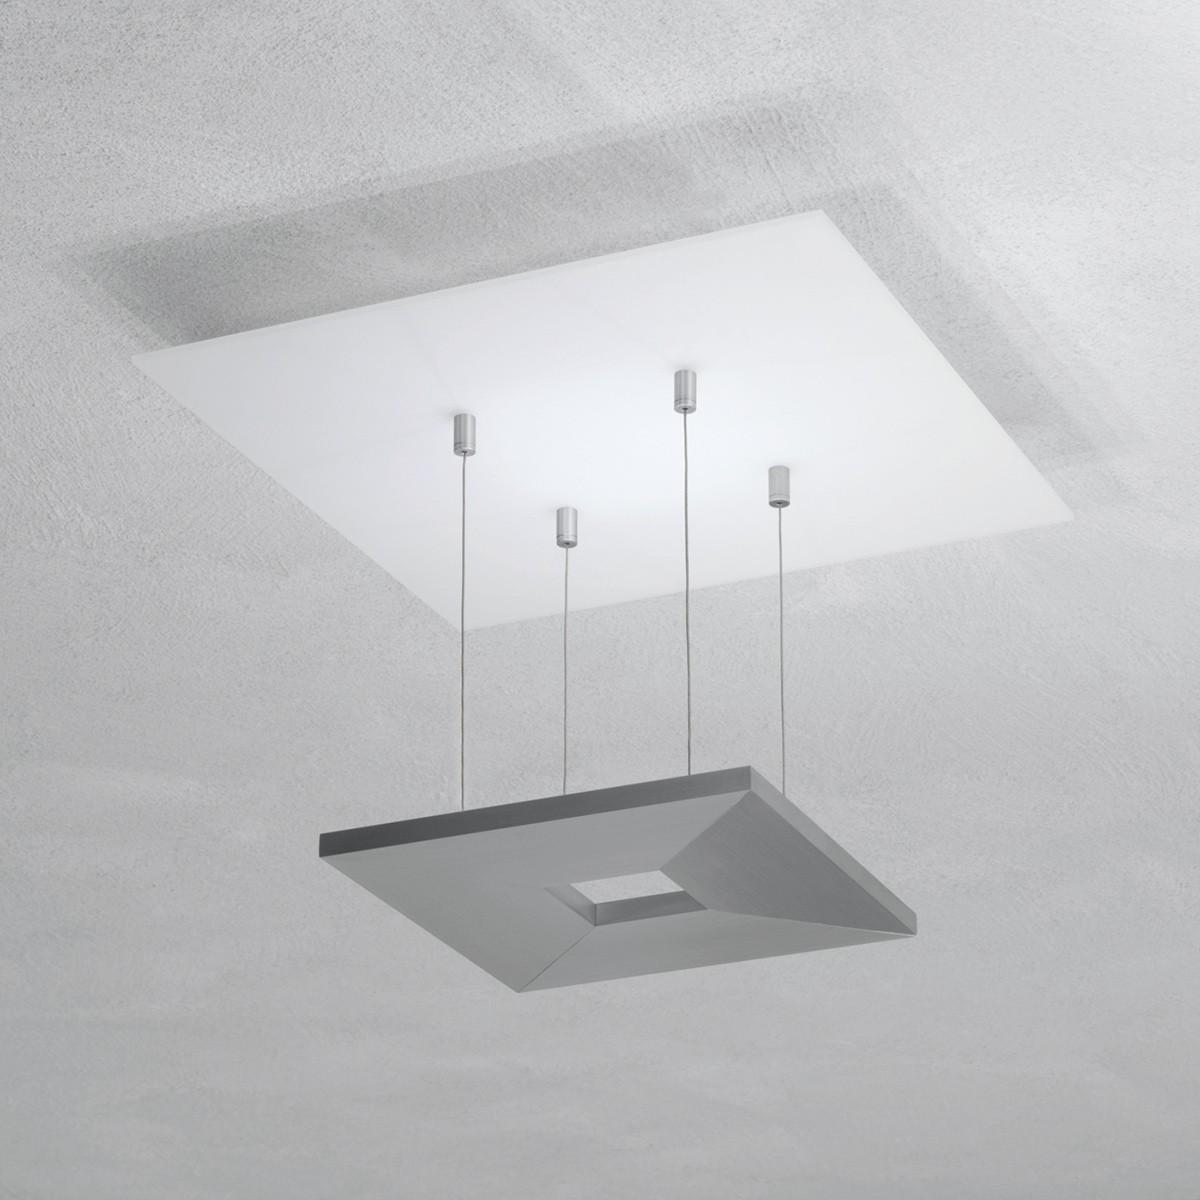 Escale Zen Deckenleuchte 4-flg., Glas / Aluminium geschliffen, ohne Dimmer